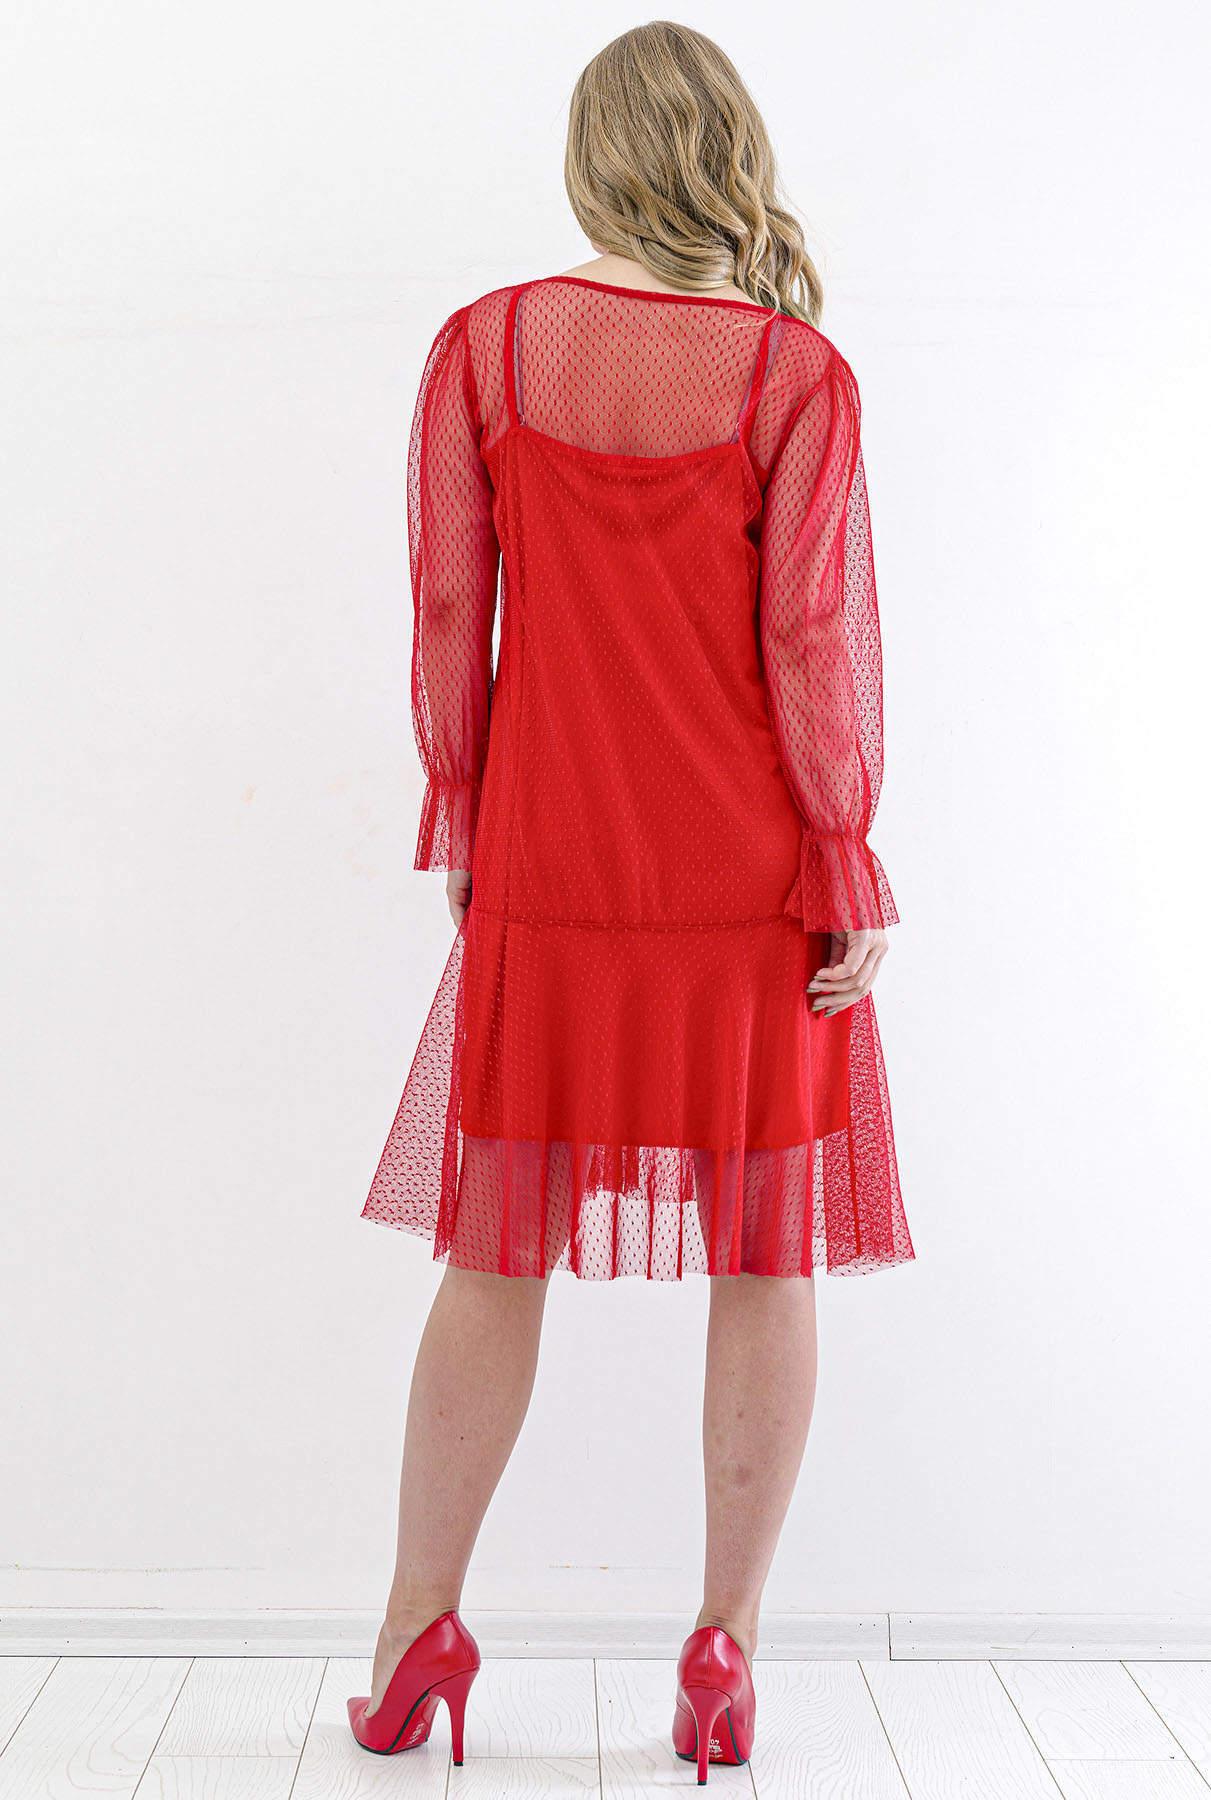 Büyük Beden Tül Detay Kısa Abiye Elbise PNR4633 Kırmızı